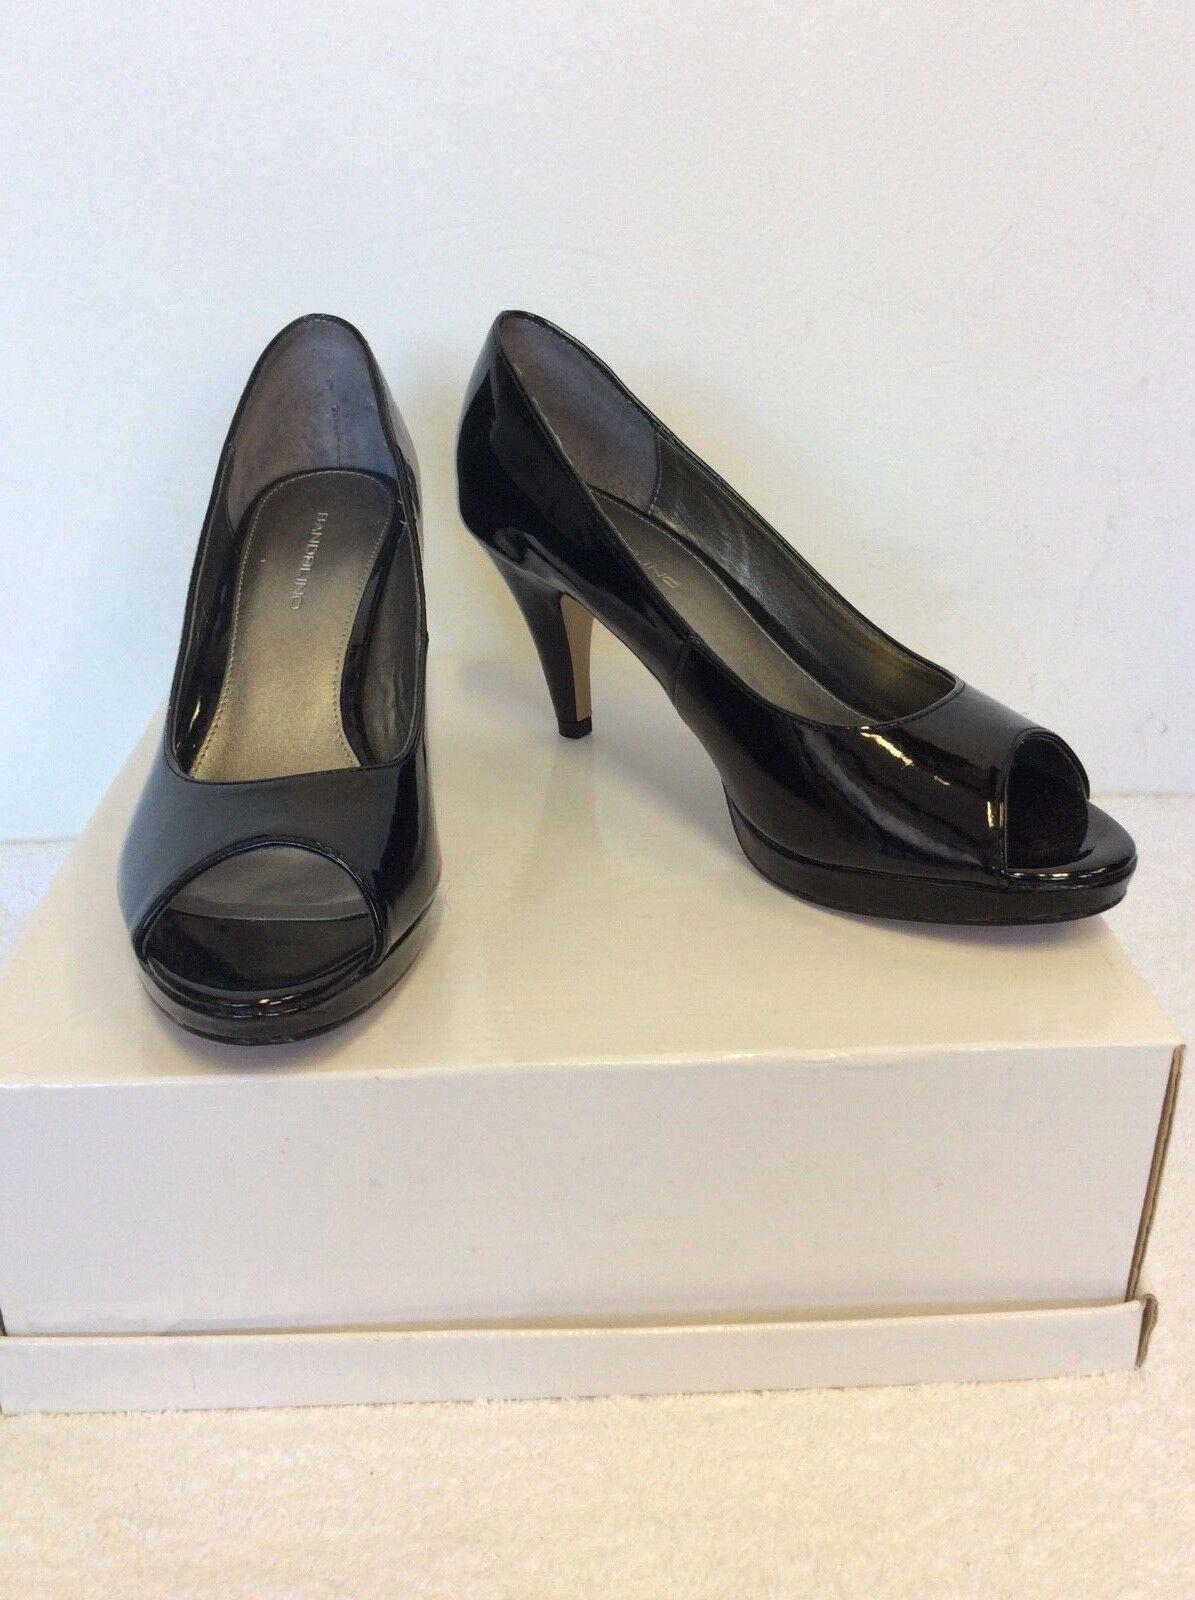 Nueva marca Bandolino Negro Patente Peeptoe Peeptoe Peeptoe Tacones Talla 6 39  precios mas bajos